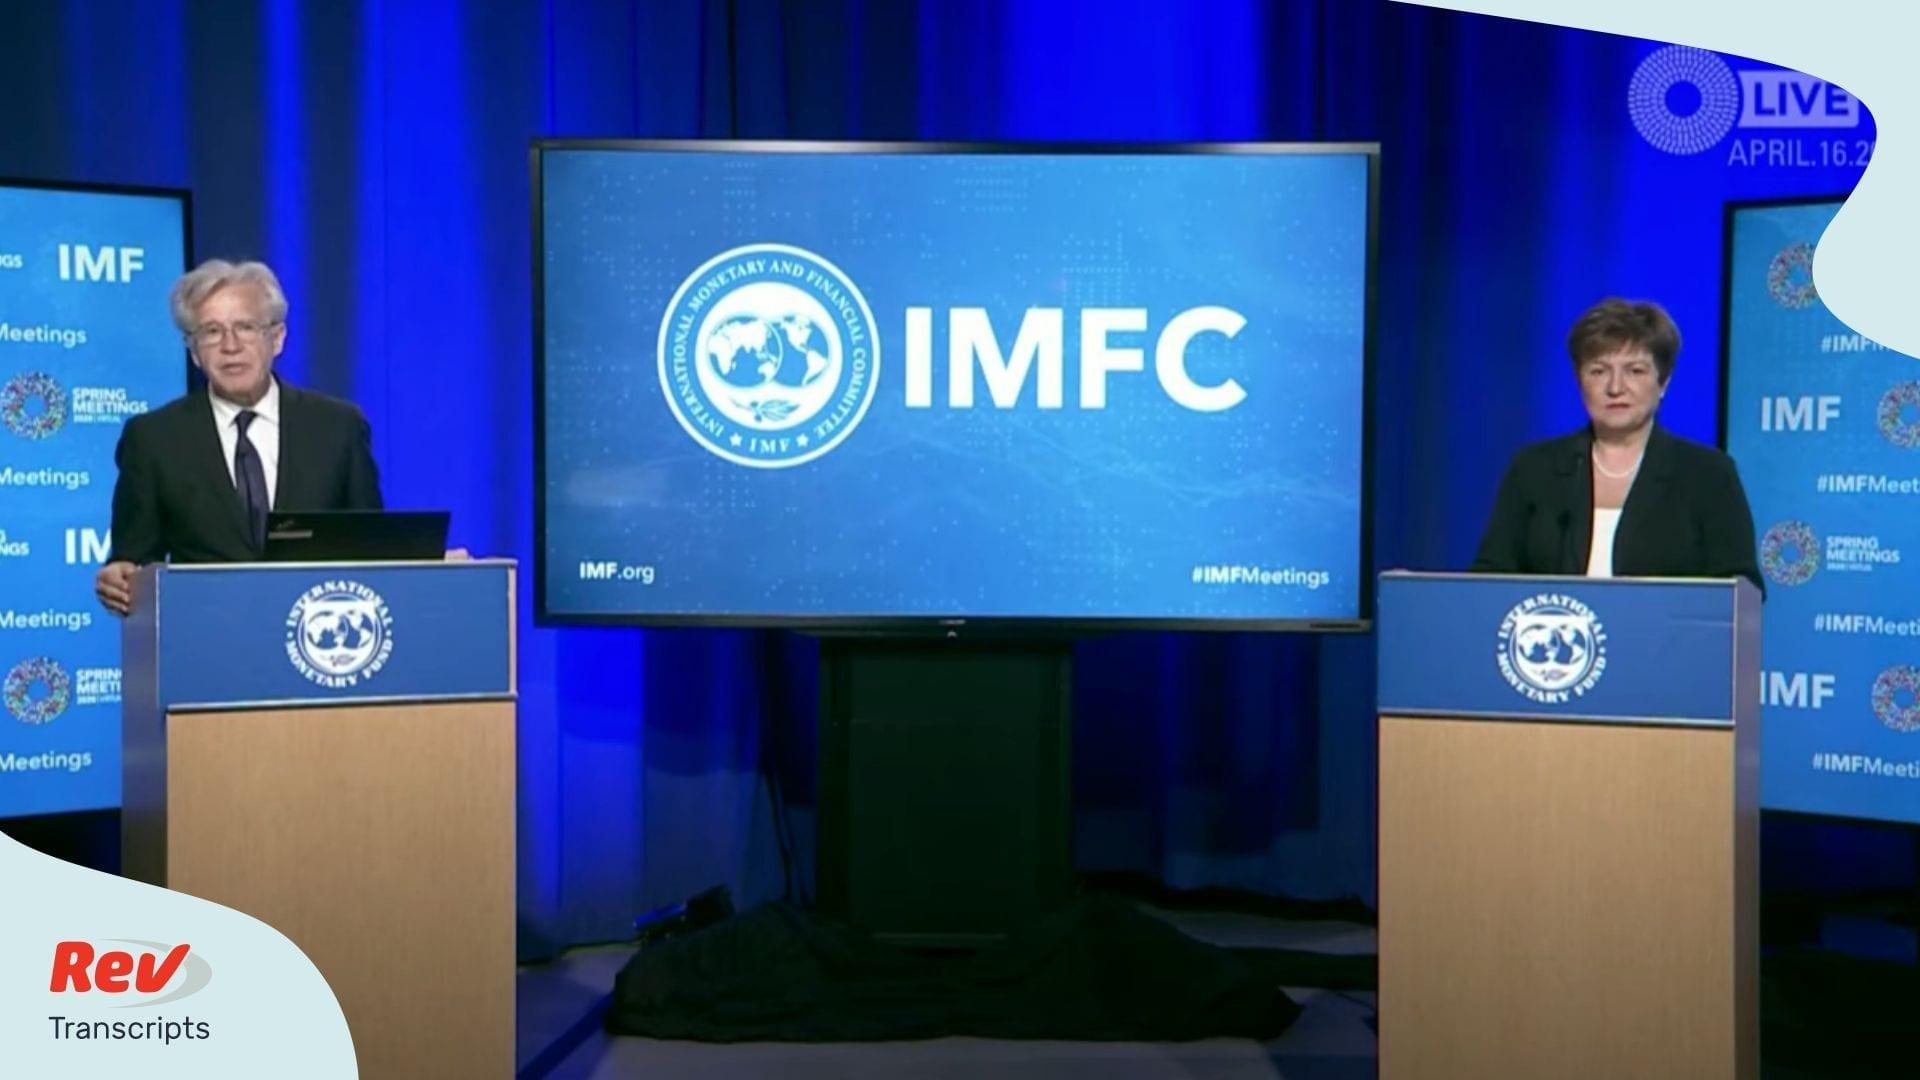 IMF Press Briefing April 16